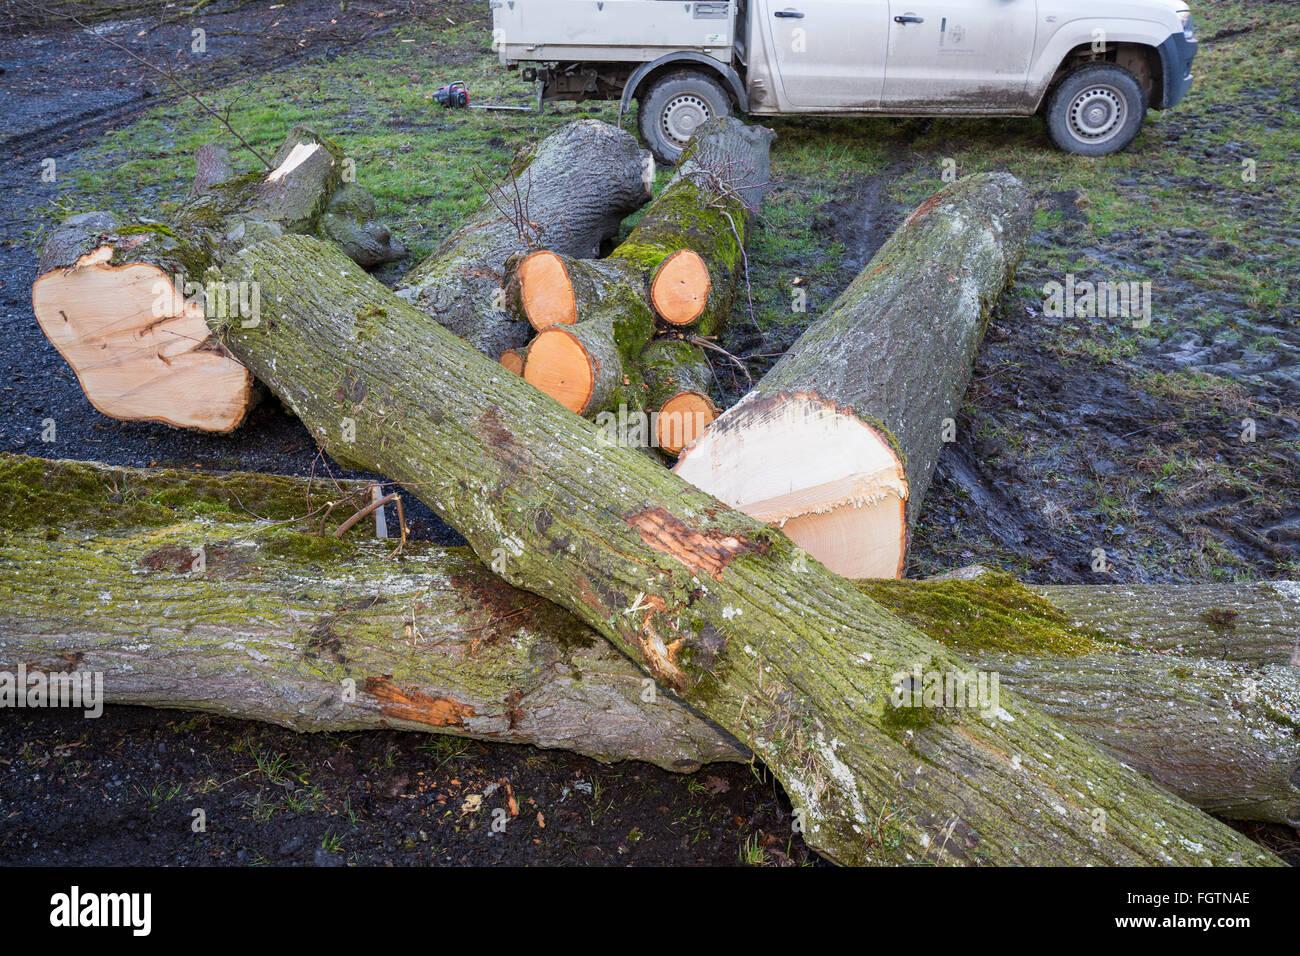 La coupe d'un arbre, d'un abattage le long d'une route, Baum, saurait Baumstamm, tronc d'arbre Banque D'Images